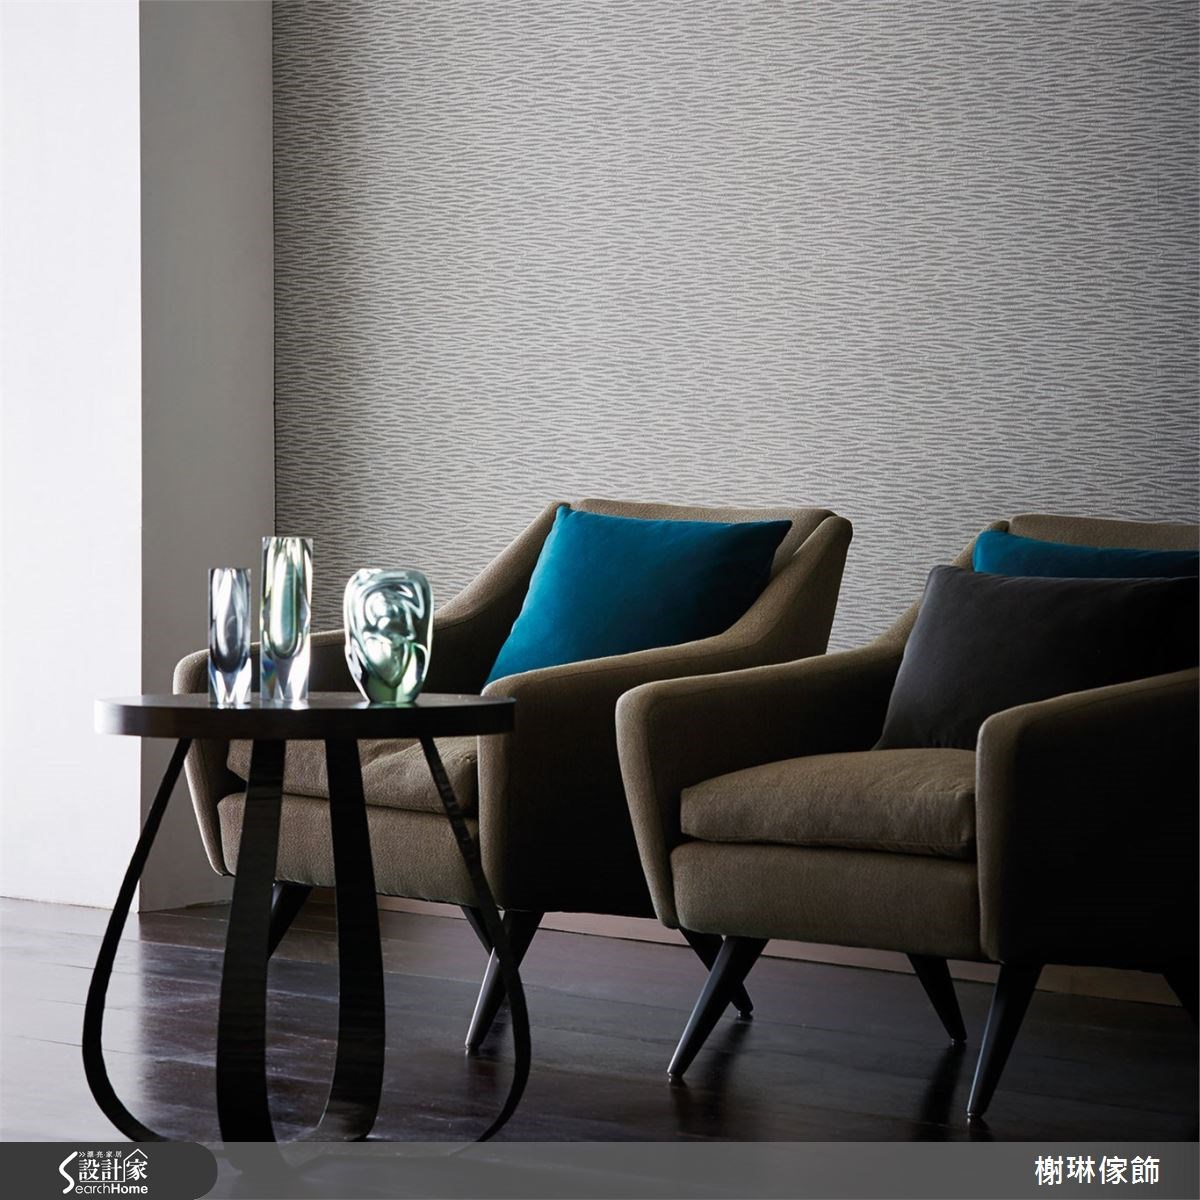 _案例圖片_榭琳傢飾設計公司_榭琳傢飾-窗簾,壁紙,傢俱_ Anthology 1之6